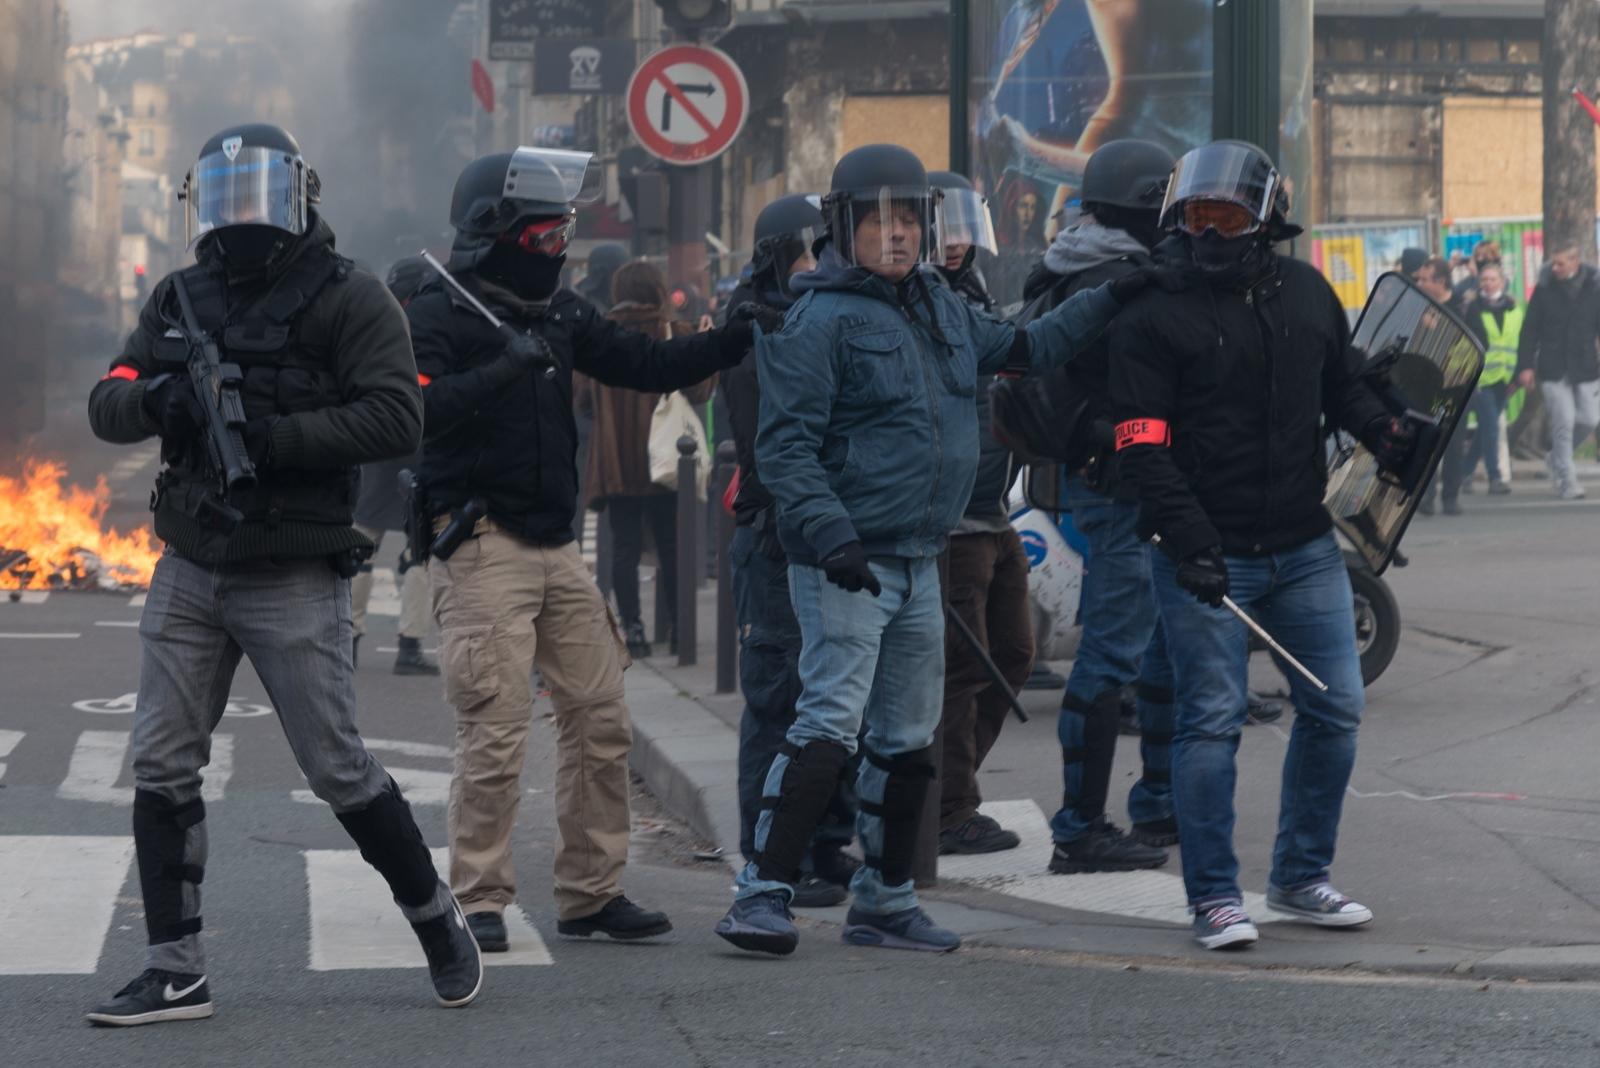 Des policiers de la BAC (Brigade Anti-Criminalité) en intervention. Au plus fort du mouvement 89 000 policiers et gendarmes ont été mobilisés. Paris - Acte XIII - Boulevard Raspail le 9 janvier 2019